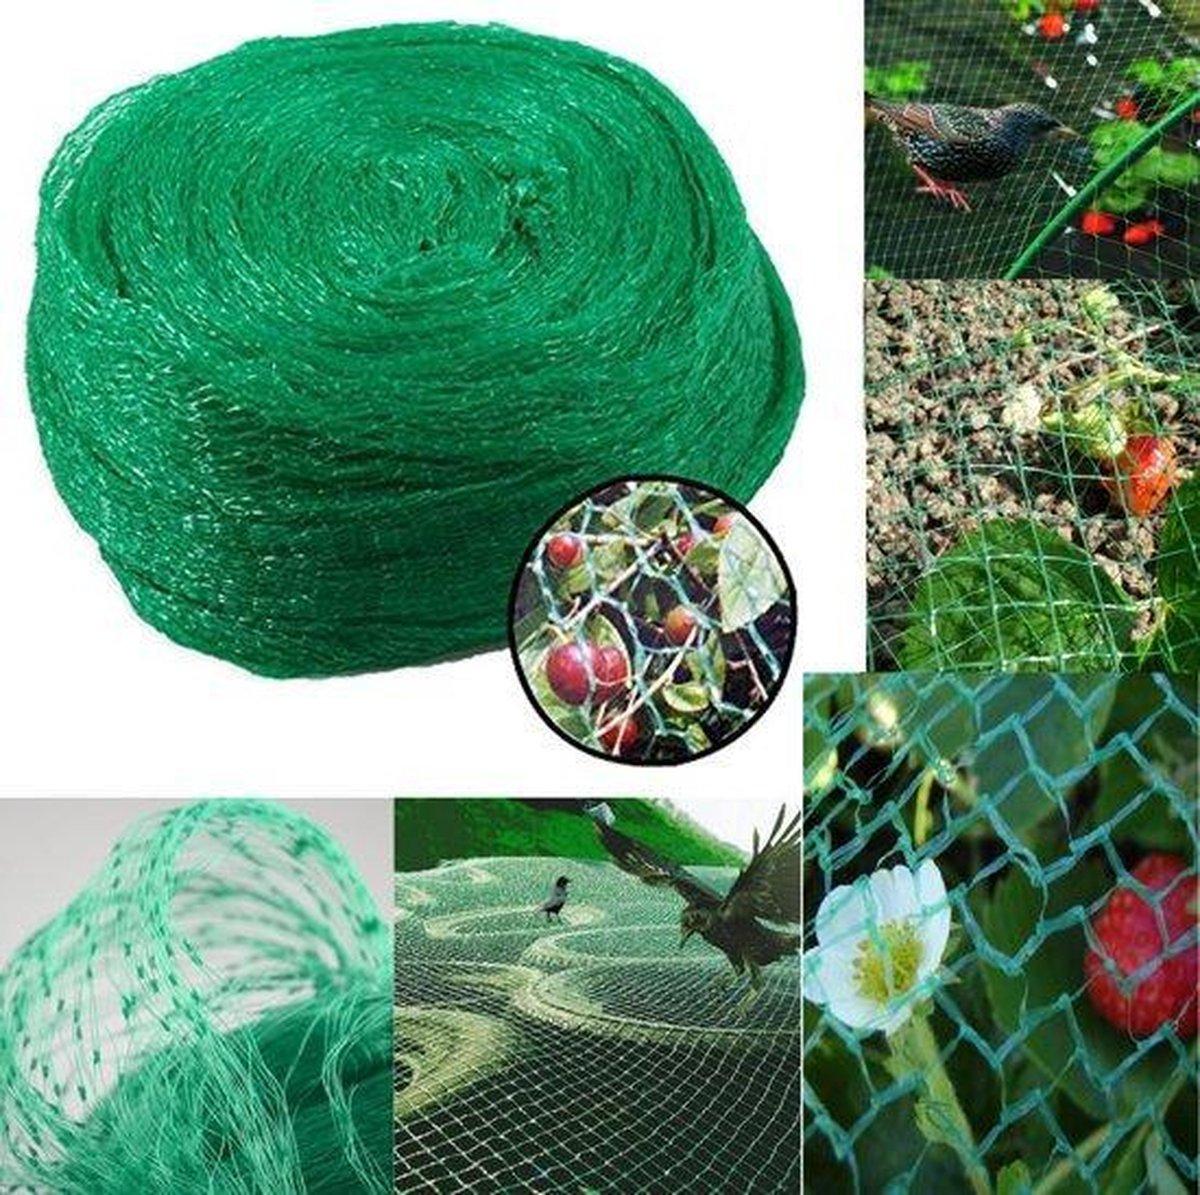 Vogelnet - Anti-vogel net - 400cm x 500cm - Vogelgaas - Bird net - Tuinnet - Vijvernet - Fruitnet -